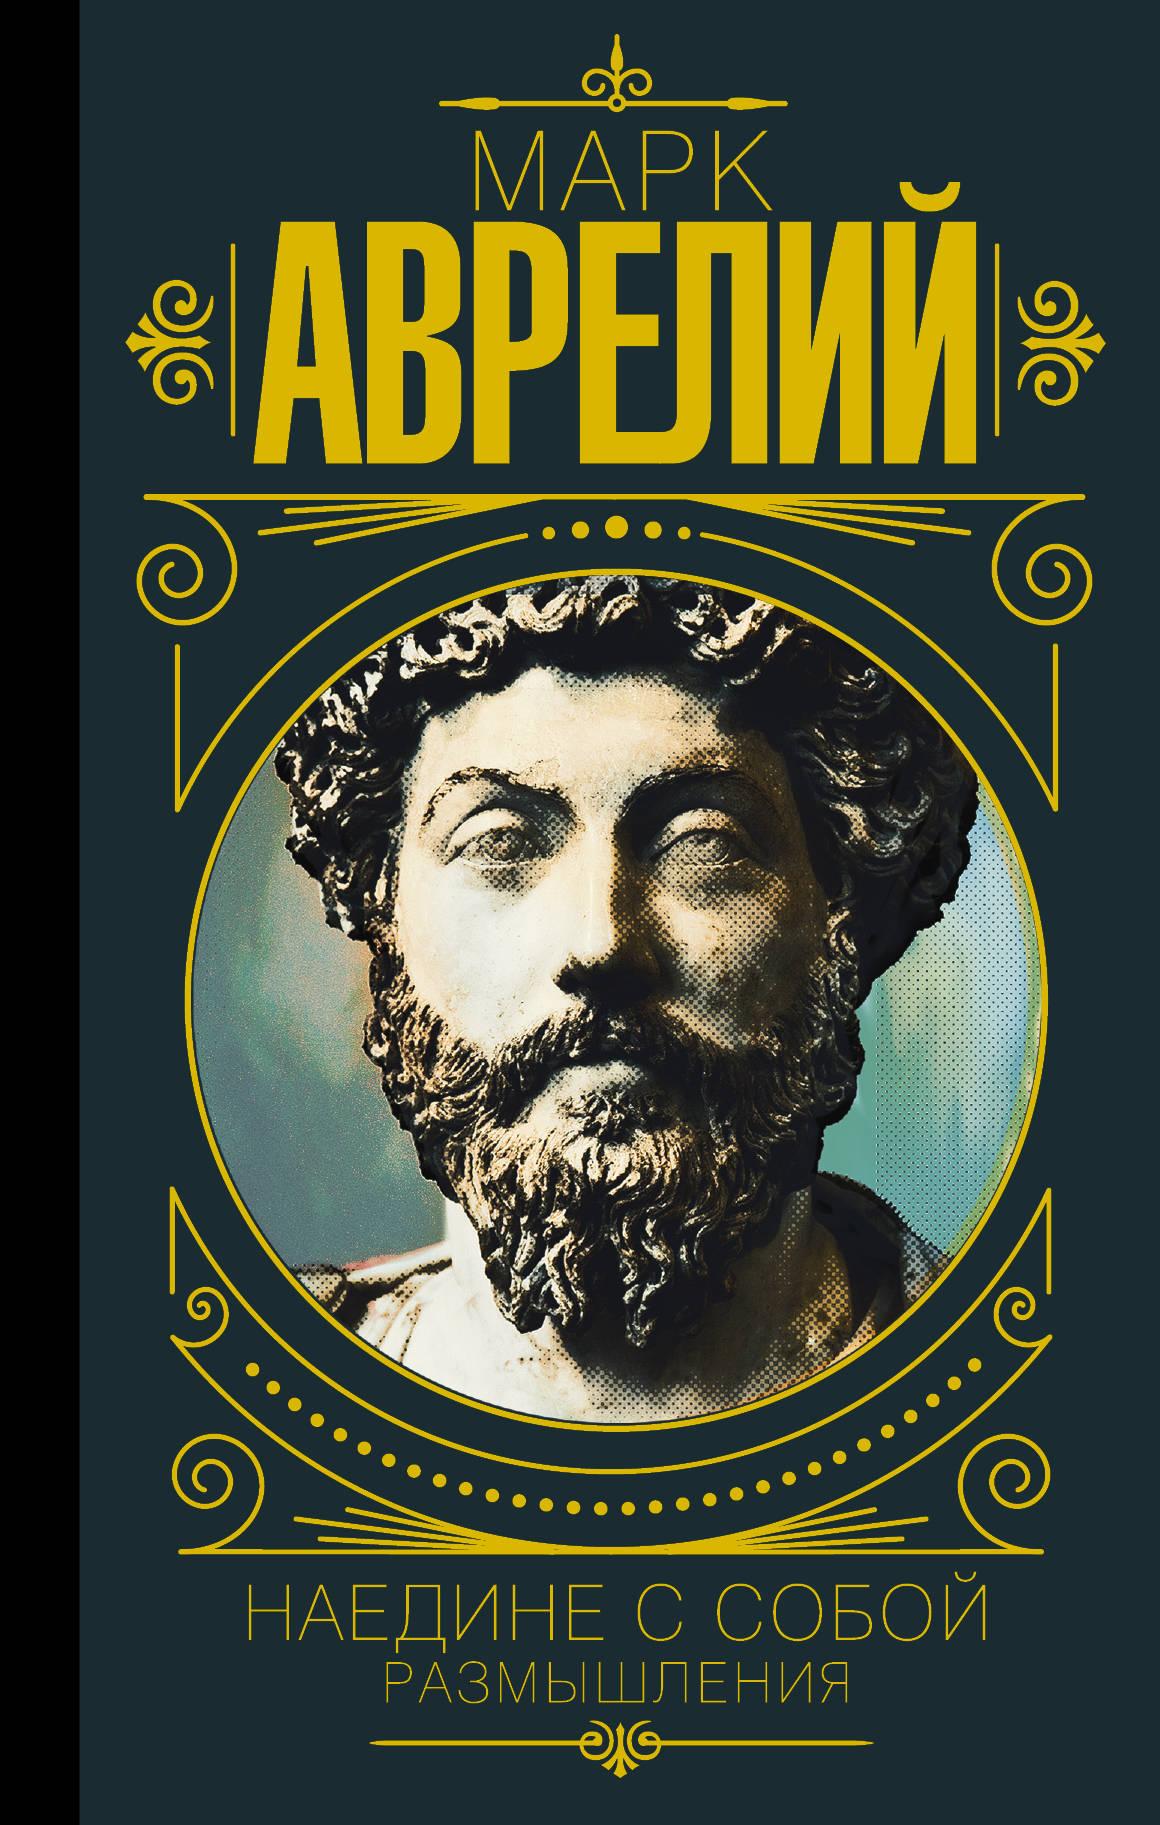 Марк Аврелий Марк Аврелий. Наедине с собой. Размышления марк аврелий марк аврелий наедине с собой размышления